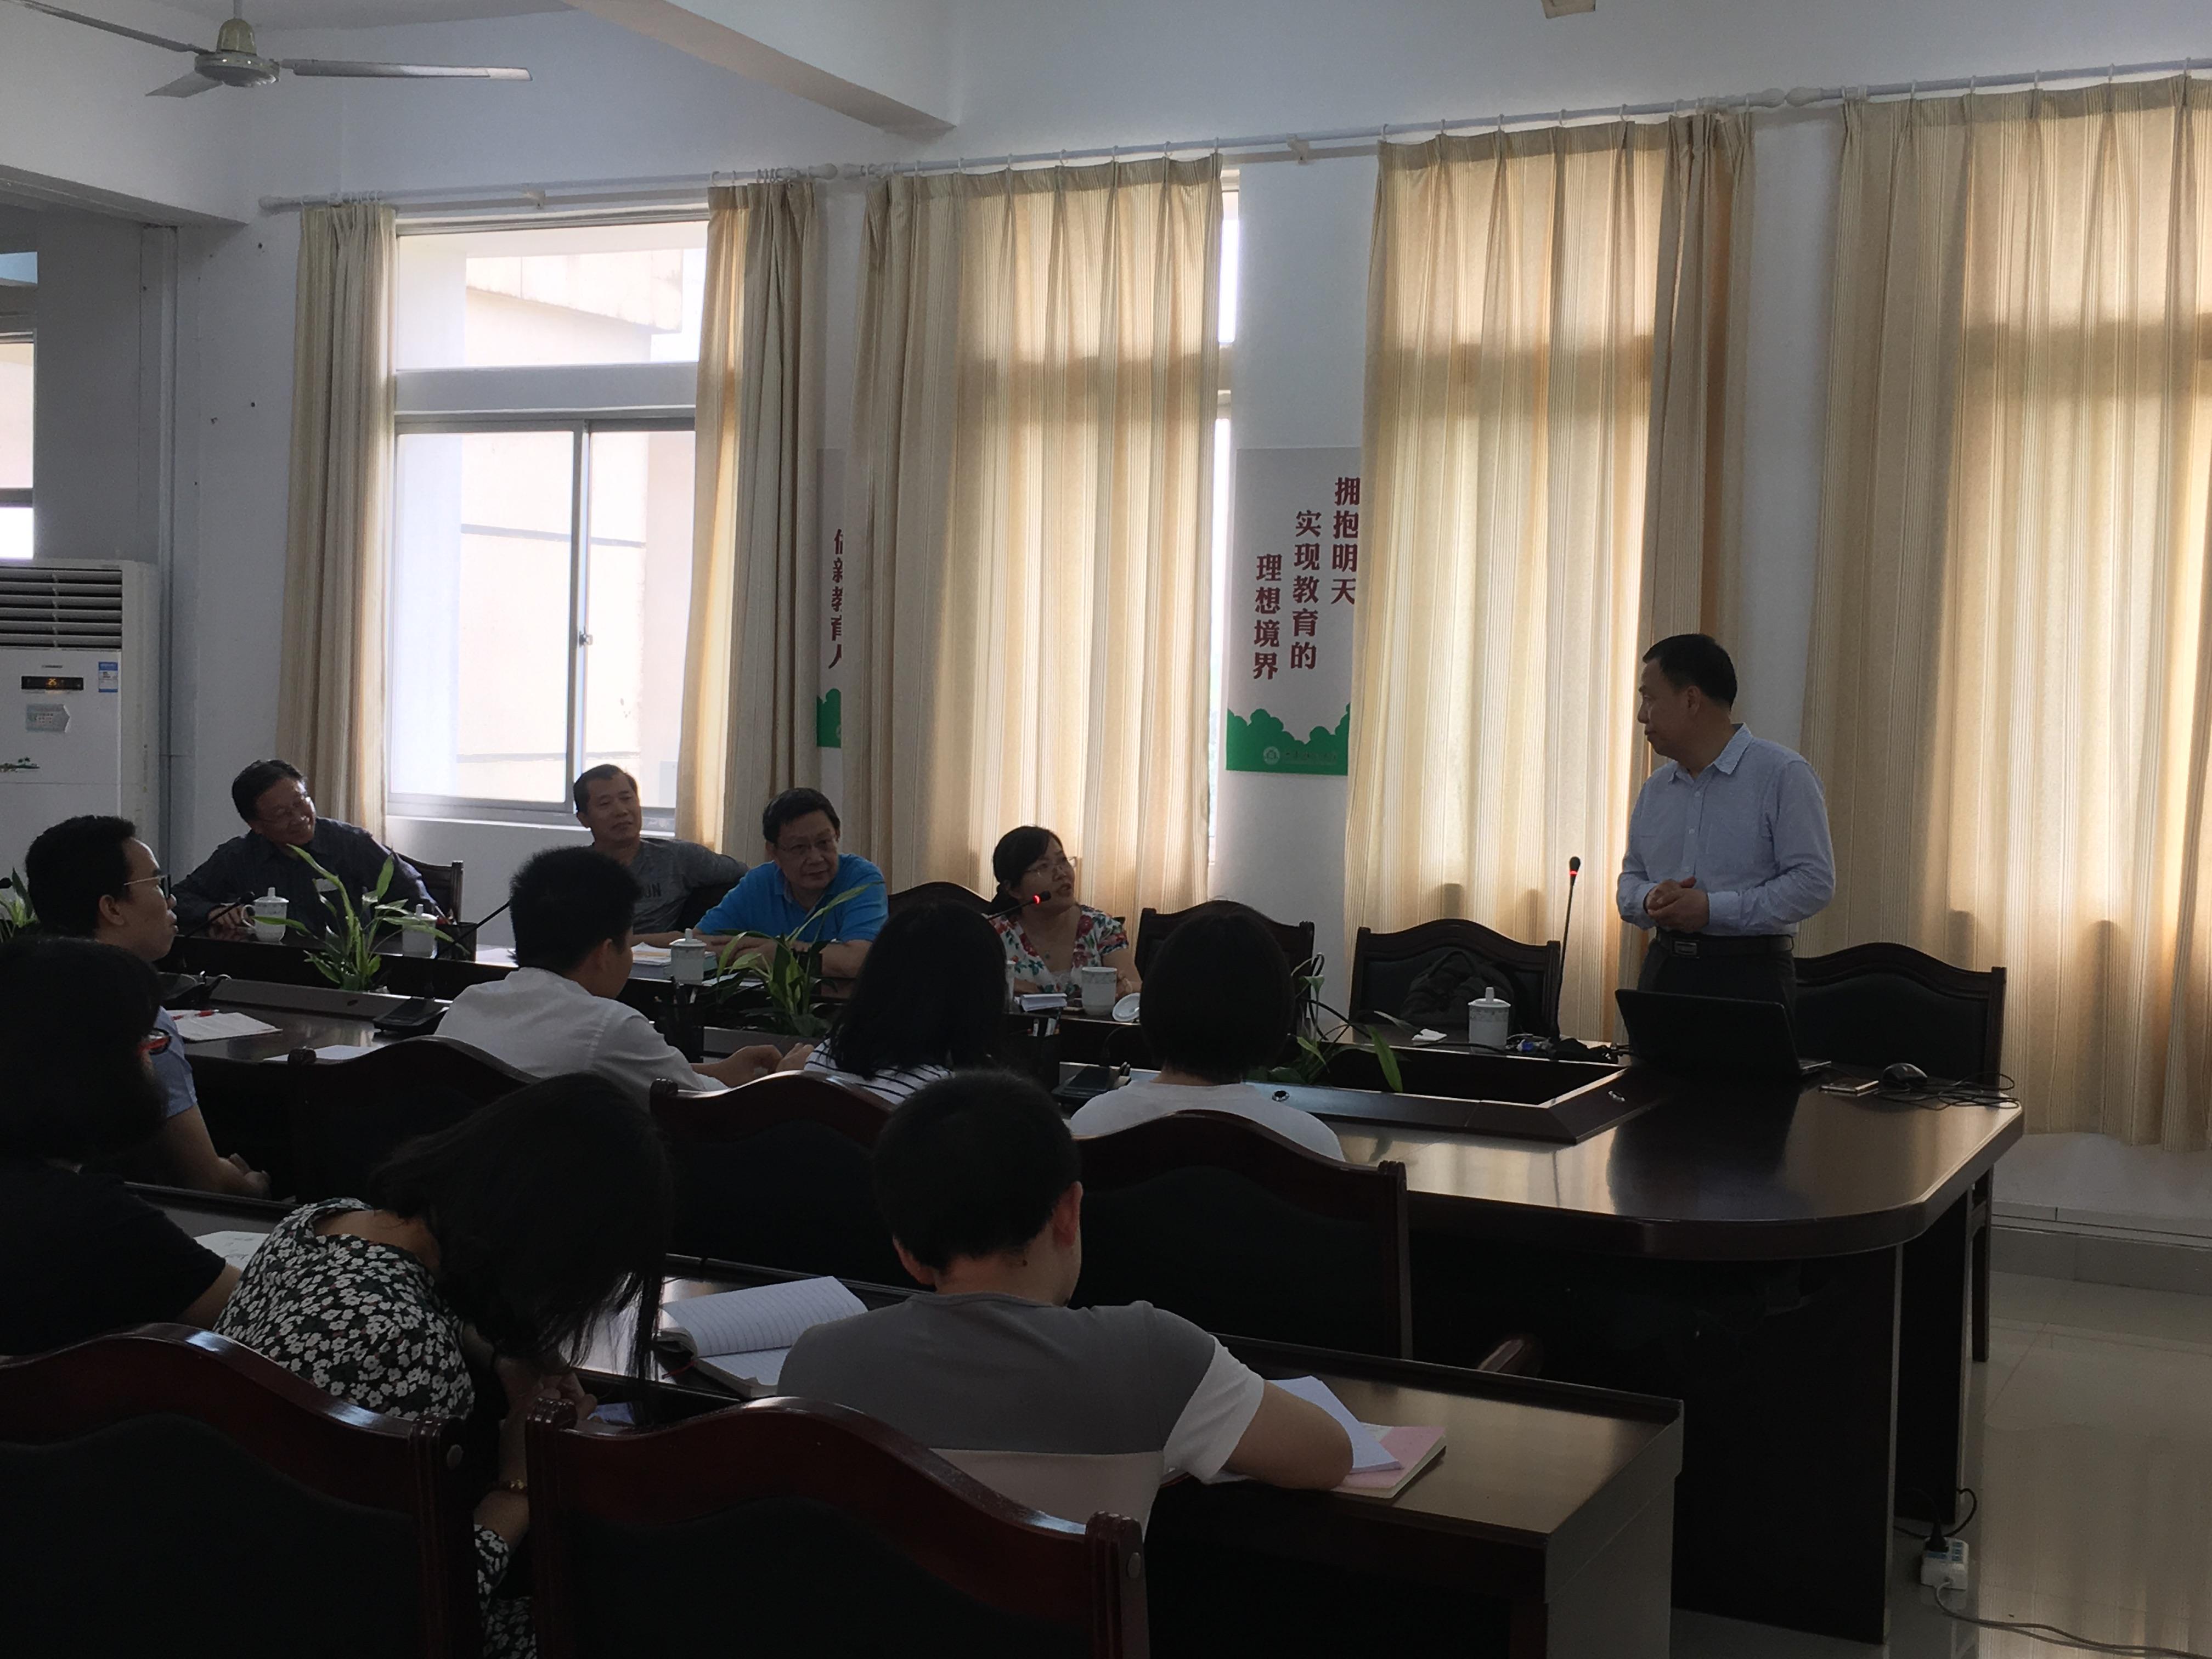 实验室特邀中国科学院上海药物研究所岳建民院士作学术交流